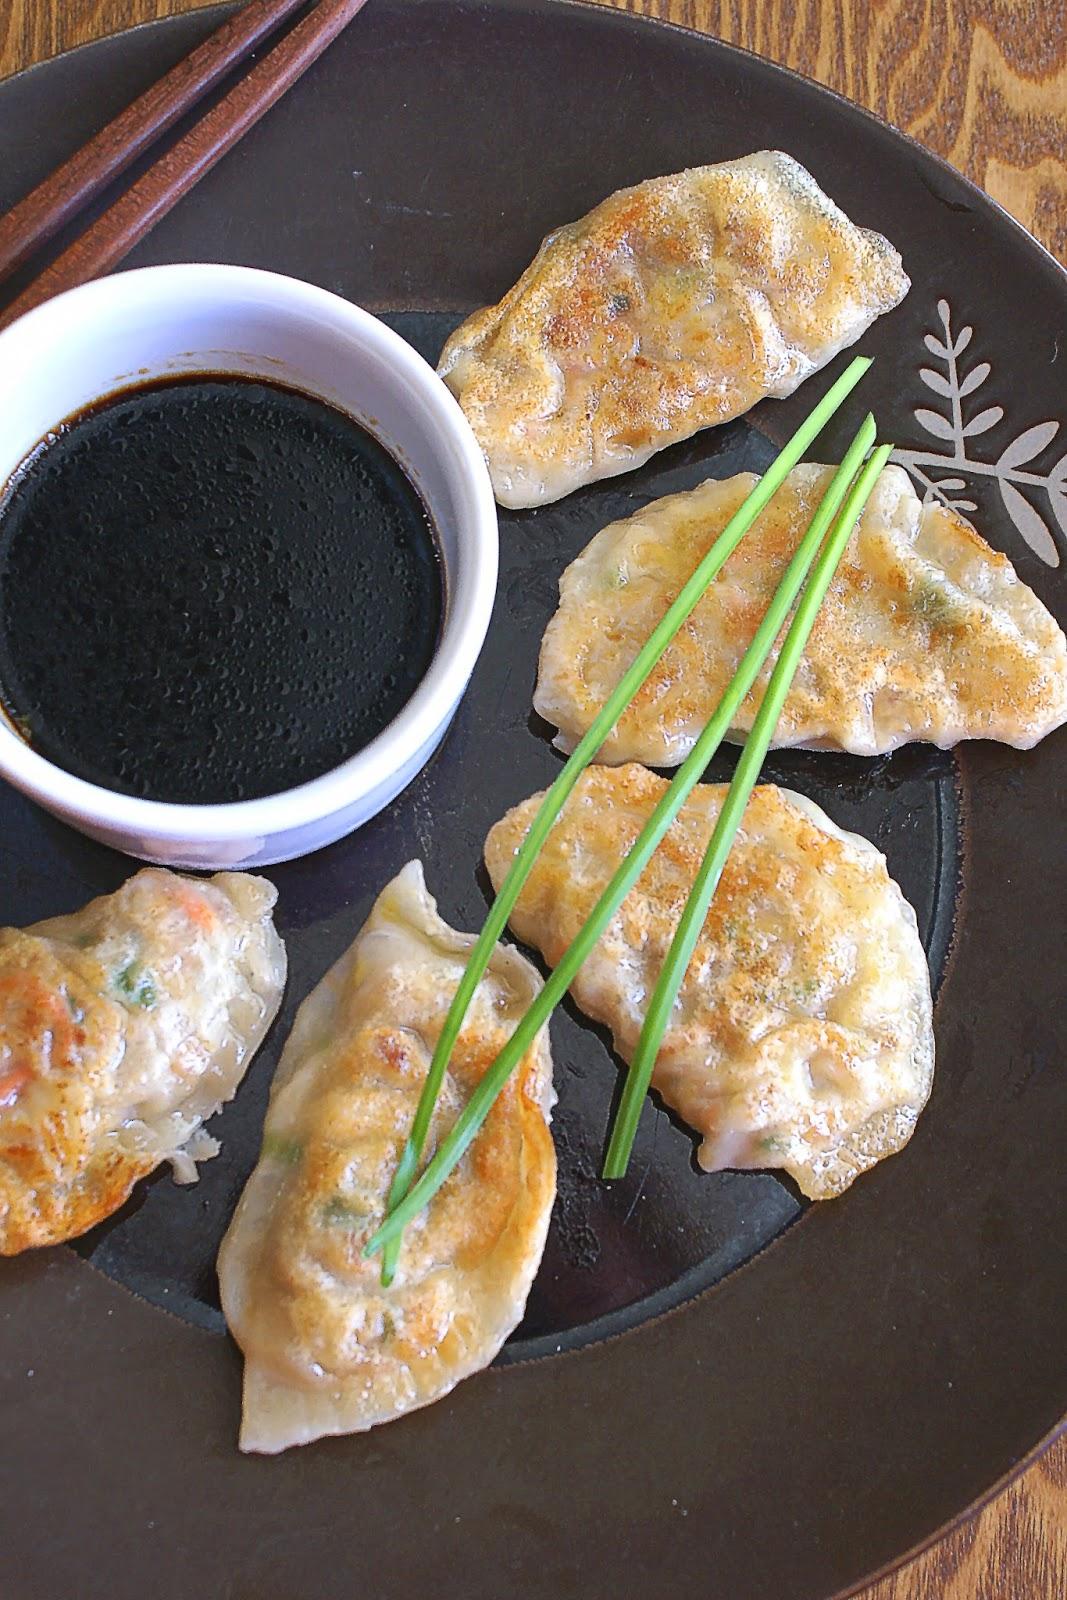 Gyoza - Dim Sum dumplings